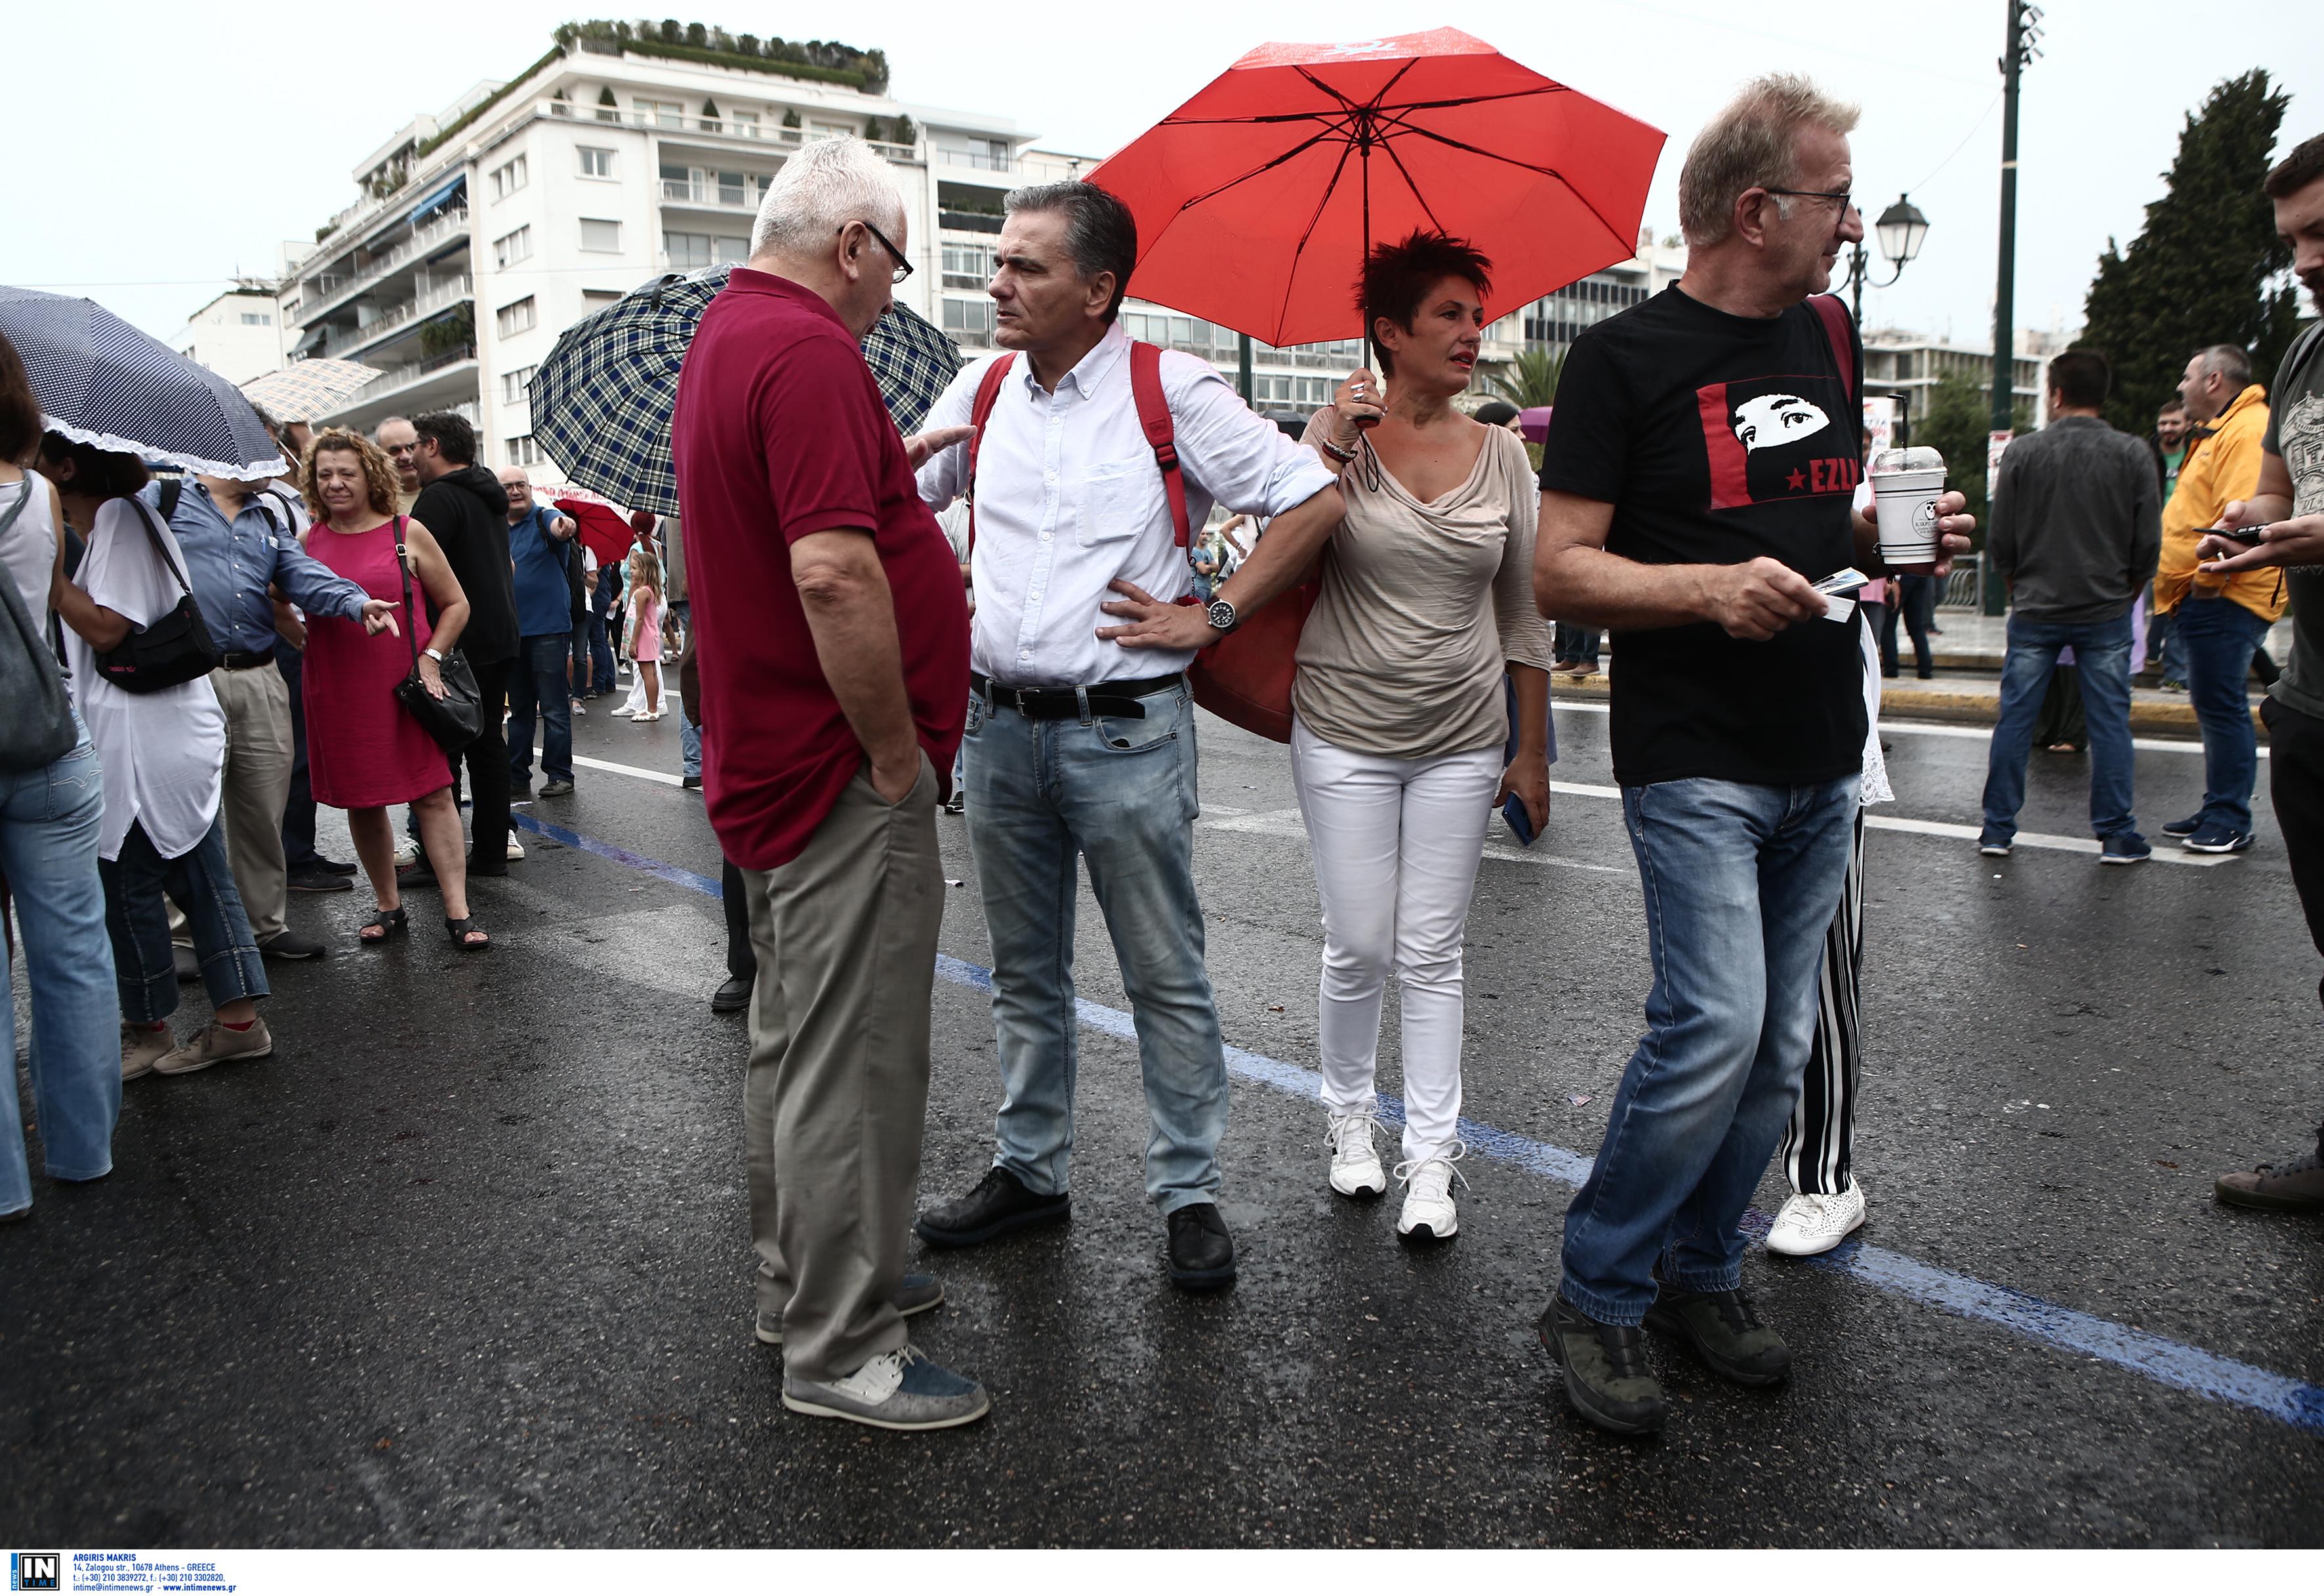 Ο Τσακαλώτος δεν έχει δικαίωμα ούτε σε πορεία, ούτε σε απεργία – Άγριο κράξιμο από την ΑΔΕΔΥ